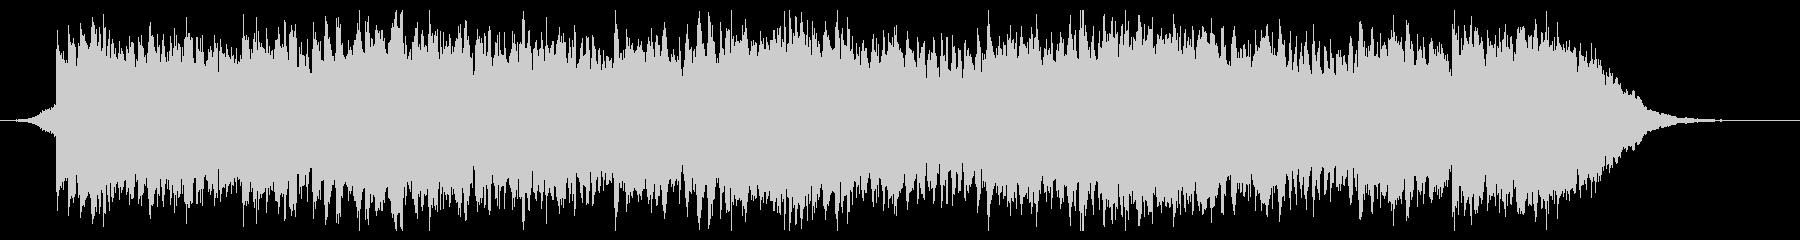 クラシック交響曲 感情的 バラード...の未再生の波形